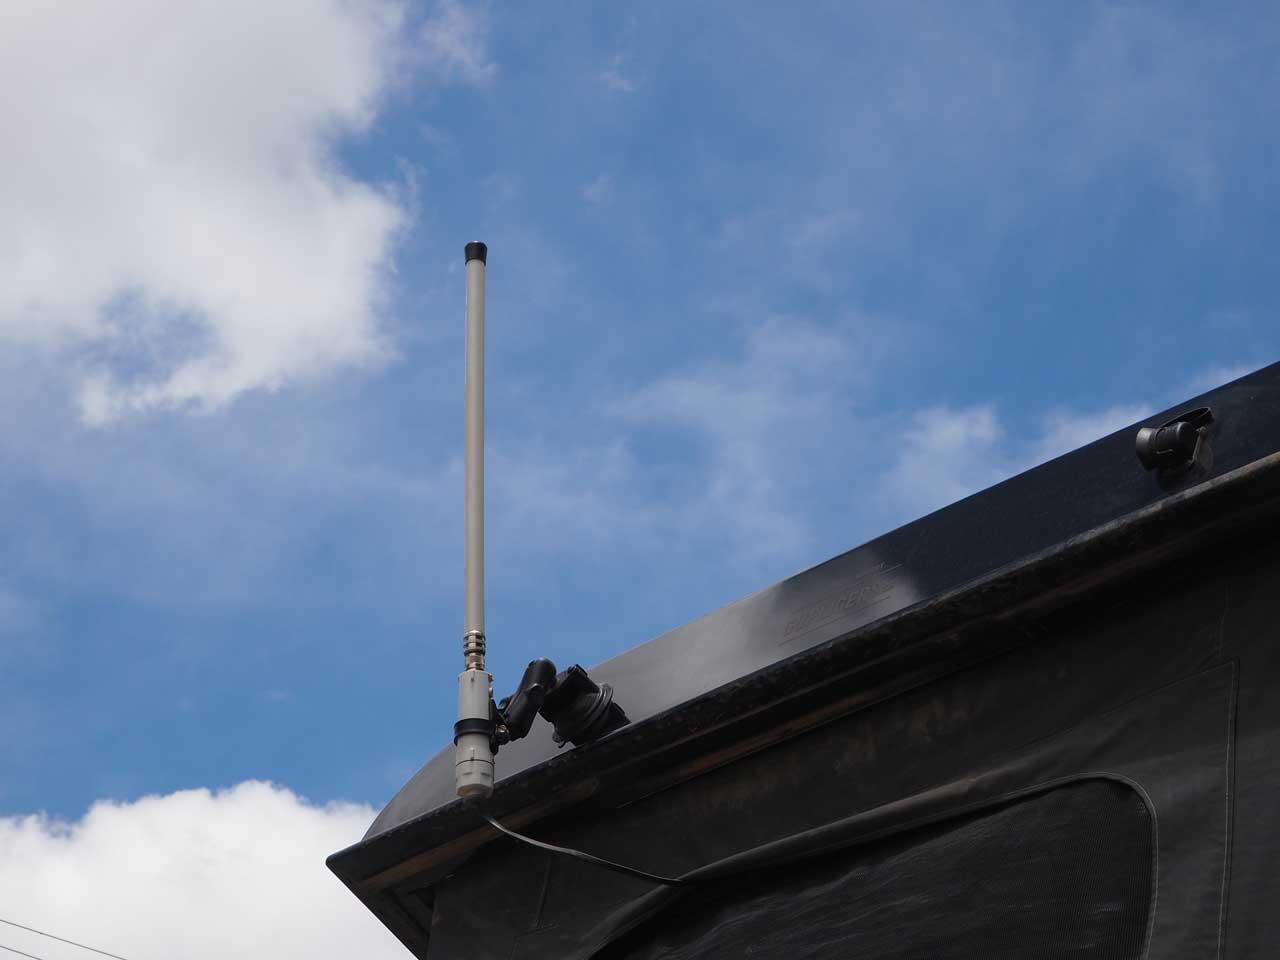 W-Lan Antenne am Klappdach